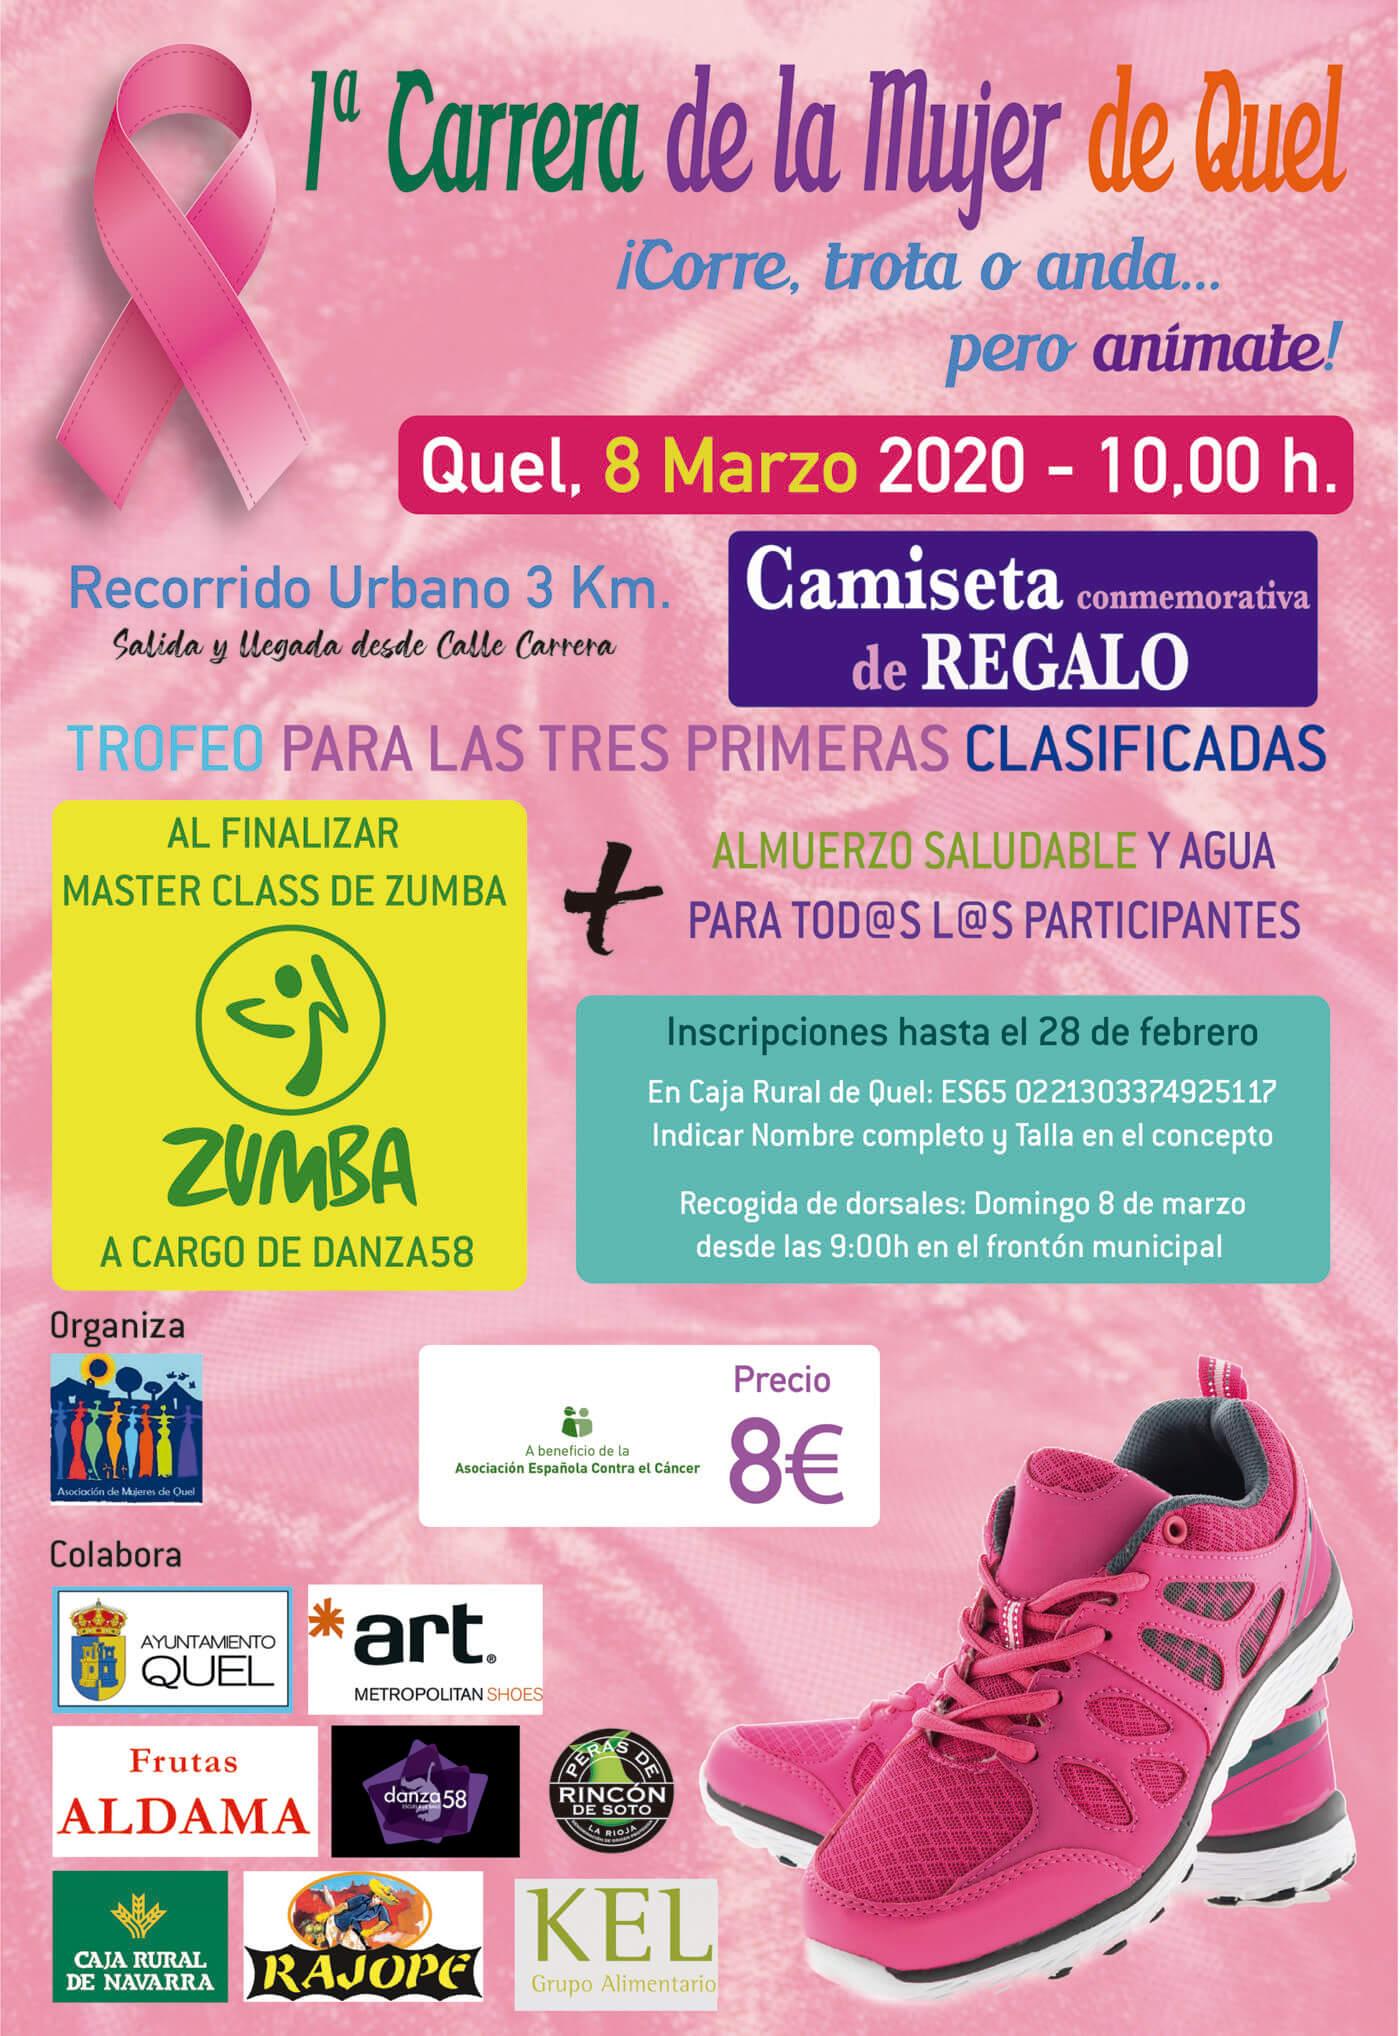 La I Carrera de la Mujer de Quel se celebrará el domingo 8 de marzo